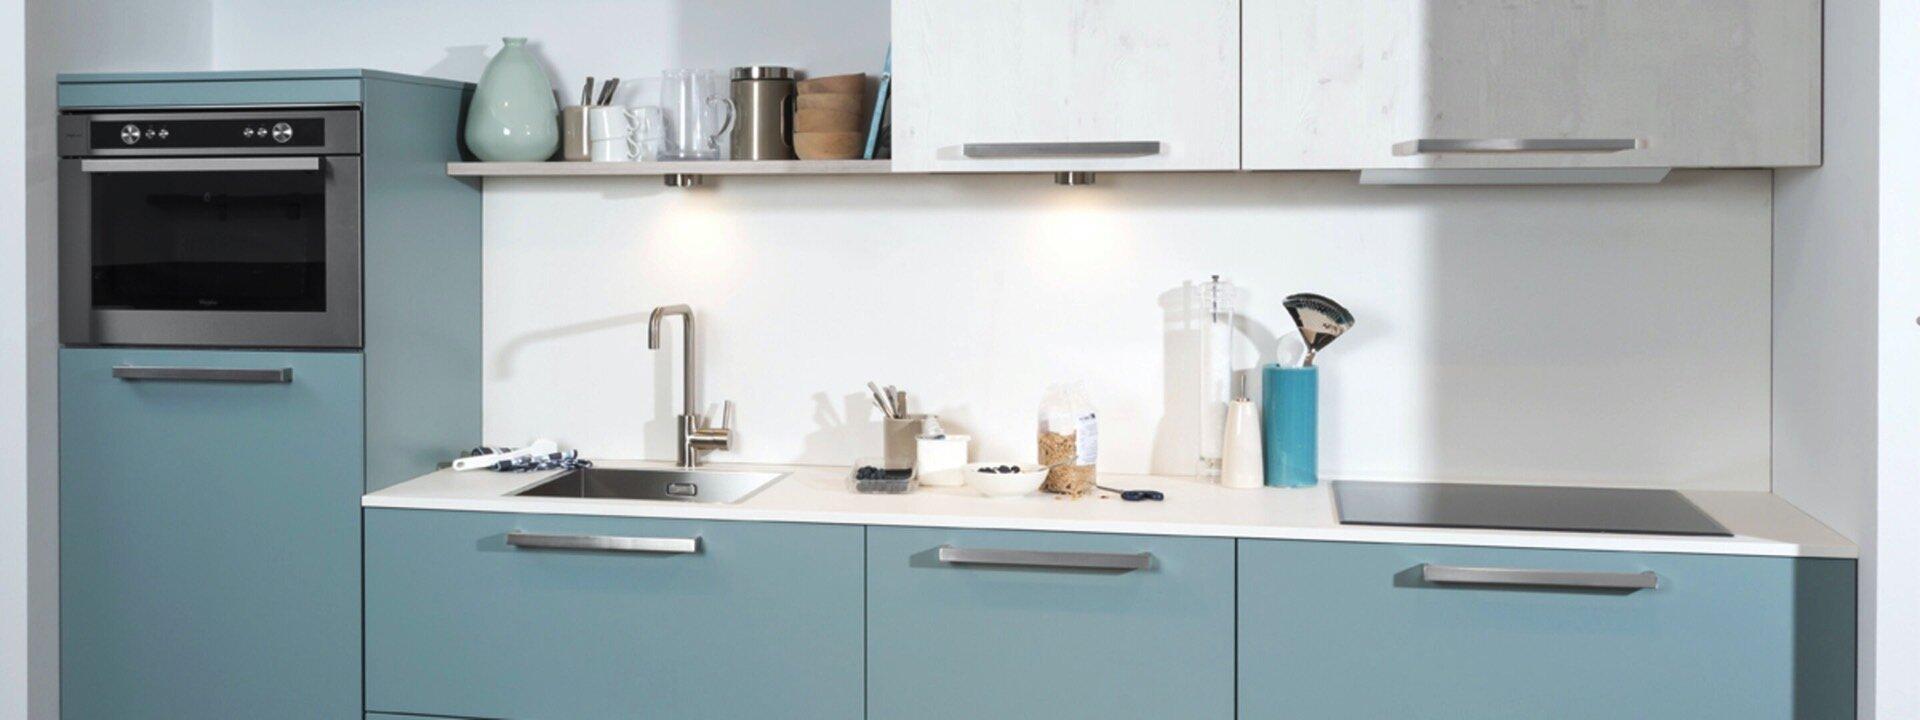 Rechte Keukens Nieuwenhuis